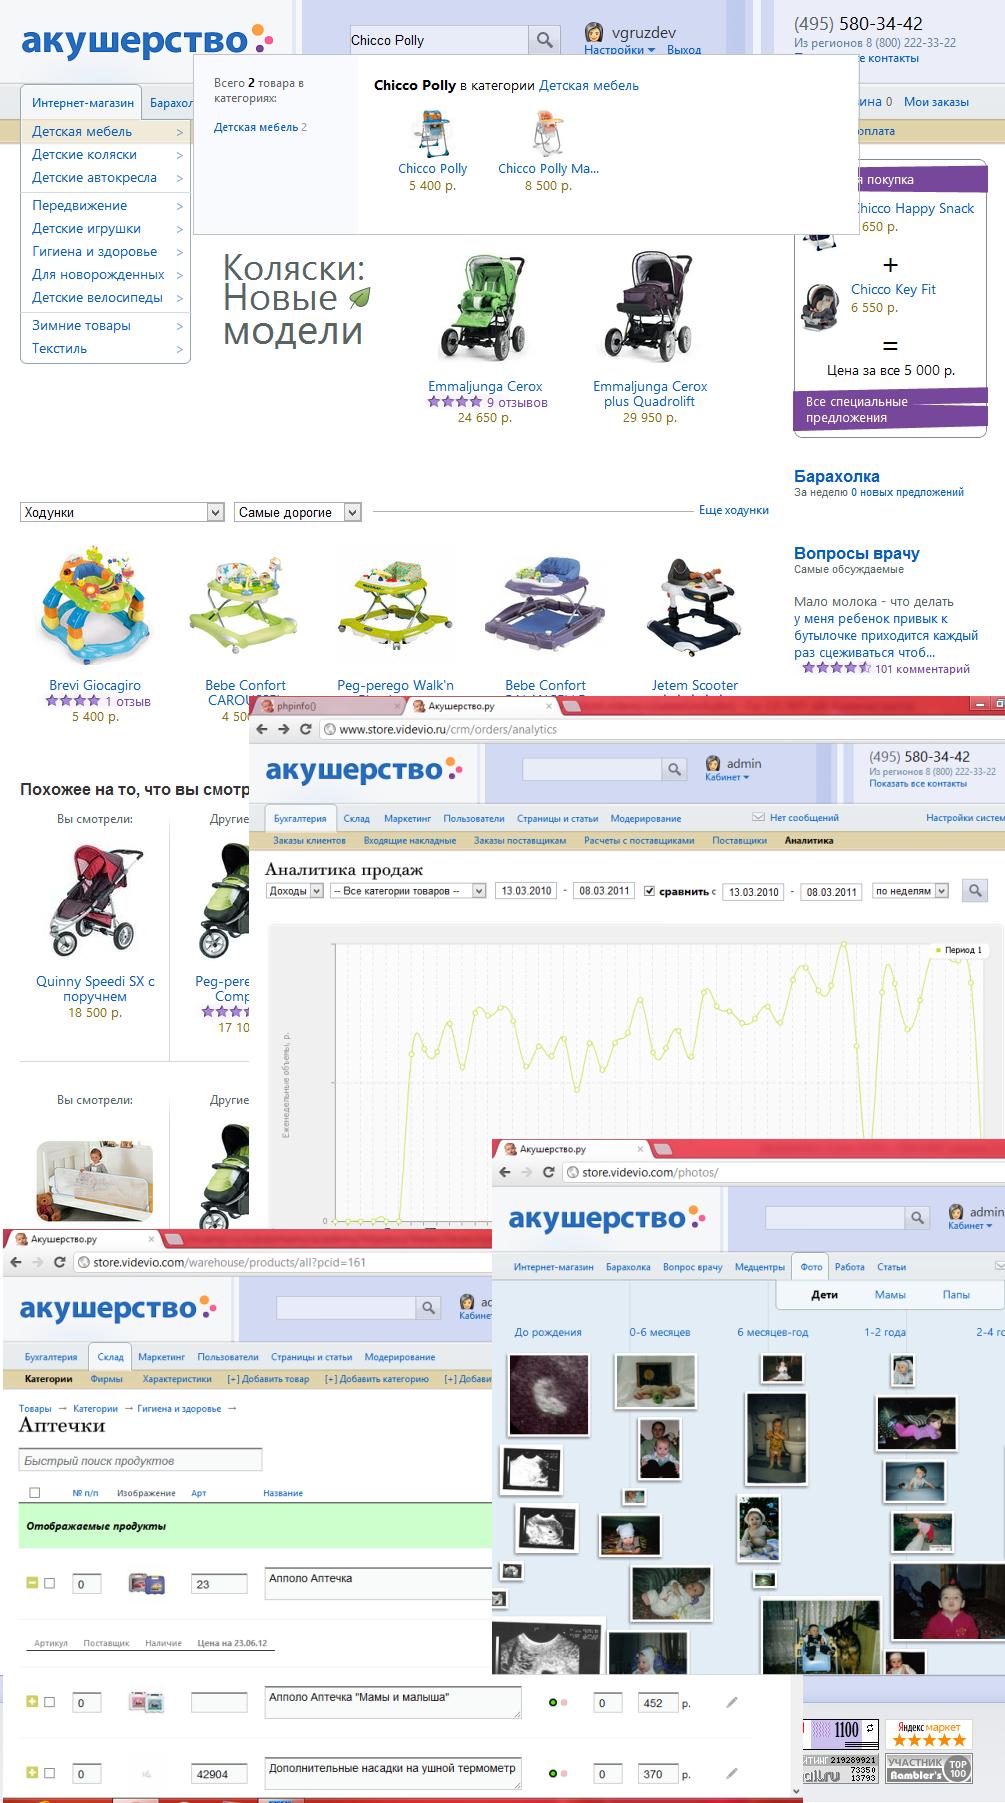 Akusherstvo.ru 2.0 - Интернет-магазин, социальная сеть и BPM-система